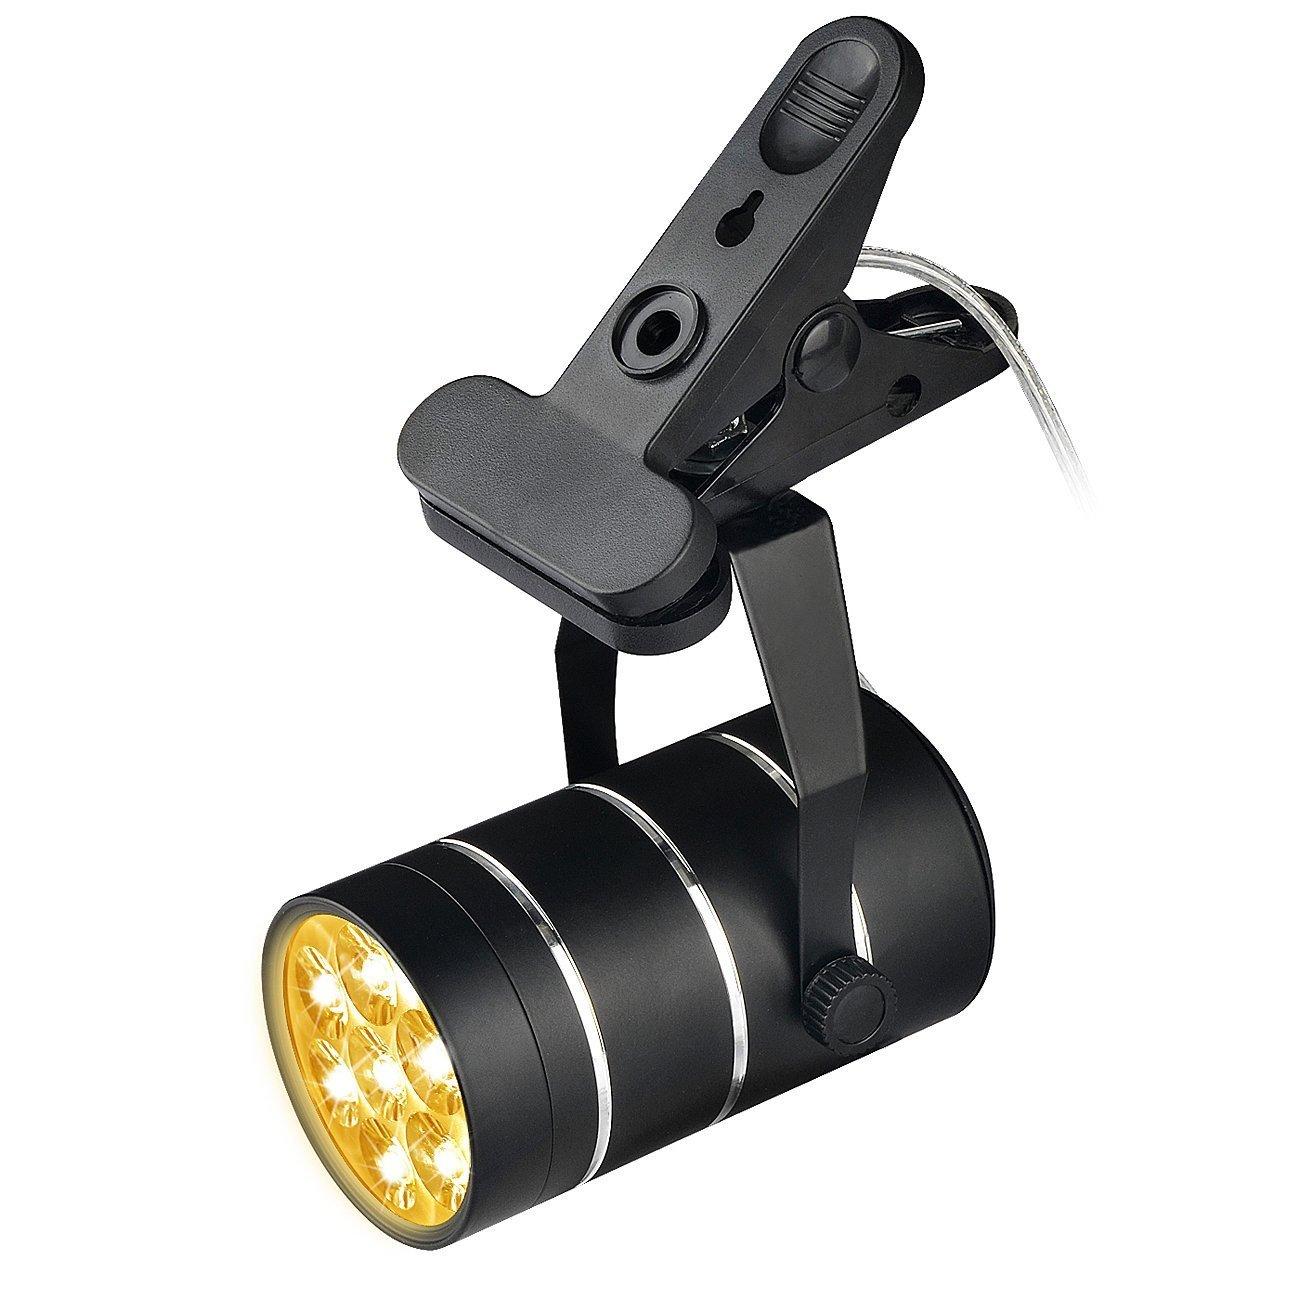 Aokey LED Lámpara de Plantas 9W Luz de Proyección Ajustable con Robusto Abrazadera Base 360 ° Distancia para Crecimiento de Vegetación Interior en ...